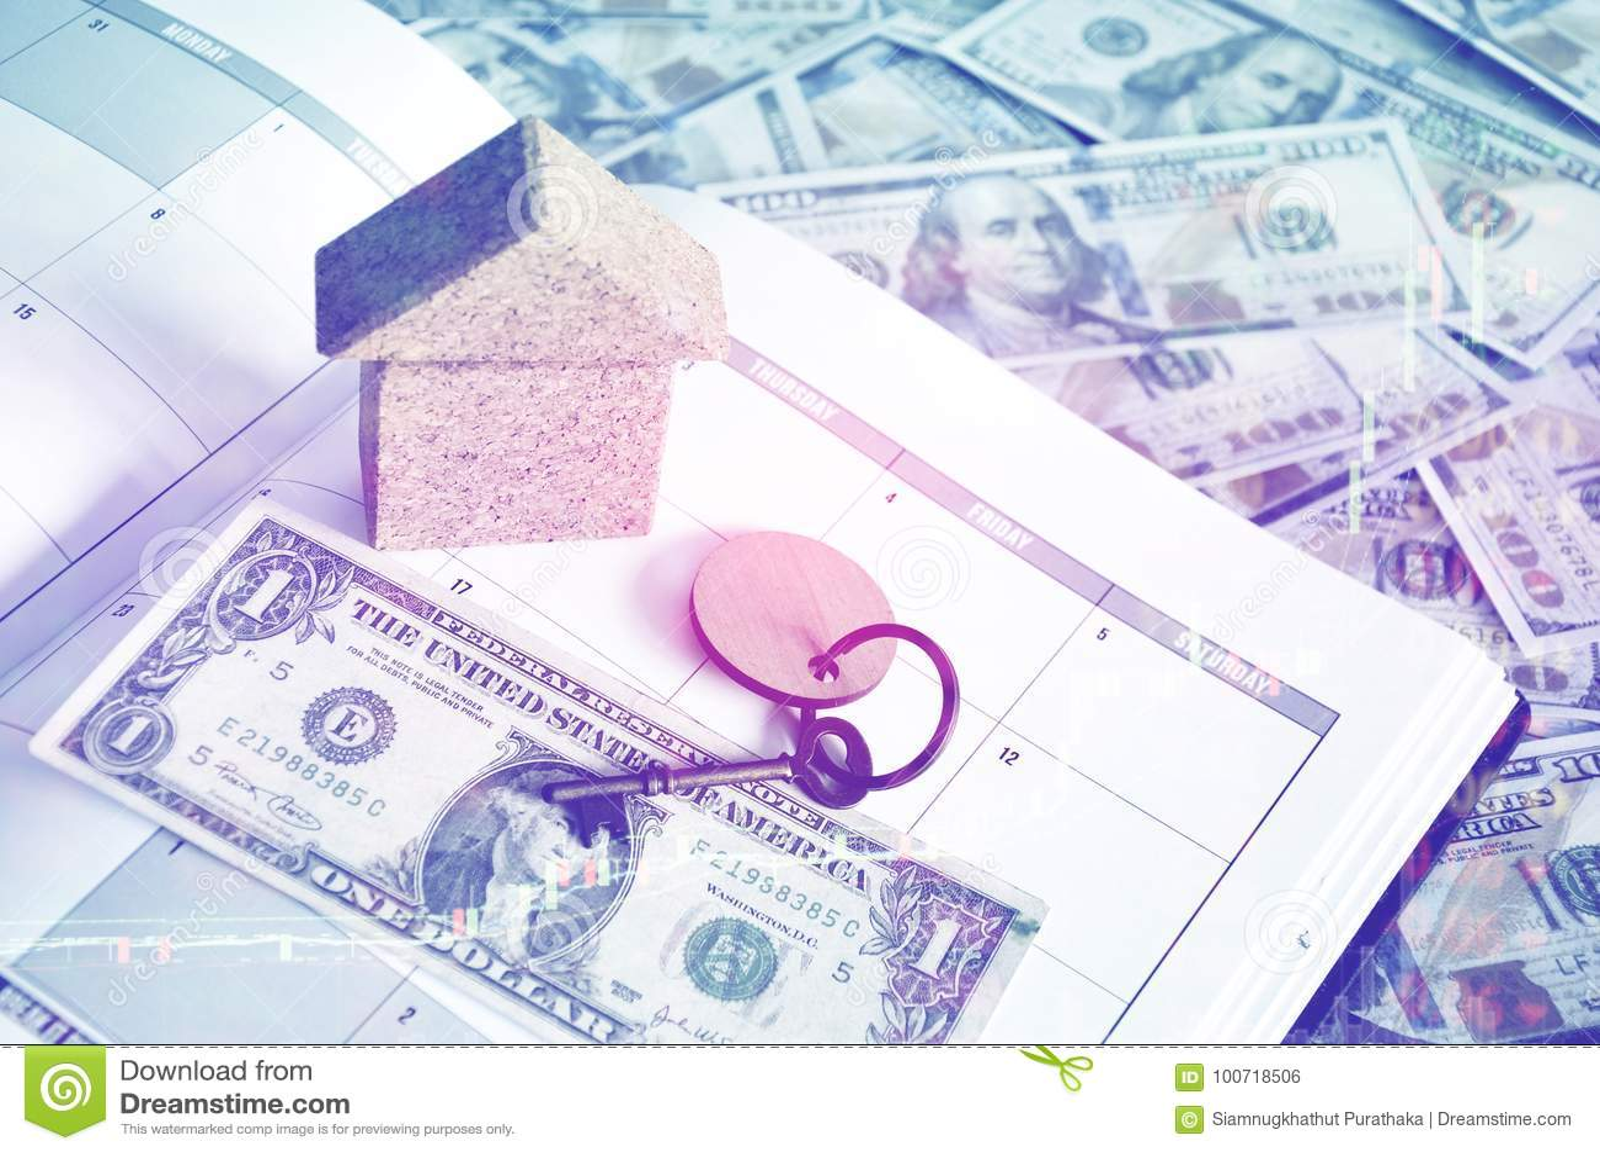 Как инвестировать доллары на бирже кредит в долларах получить